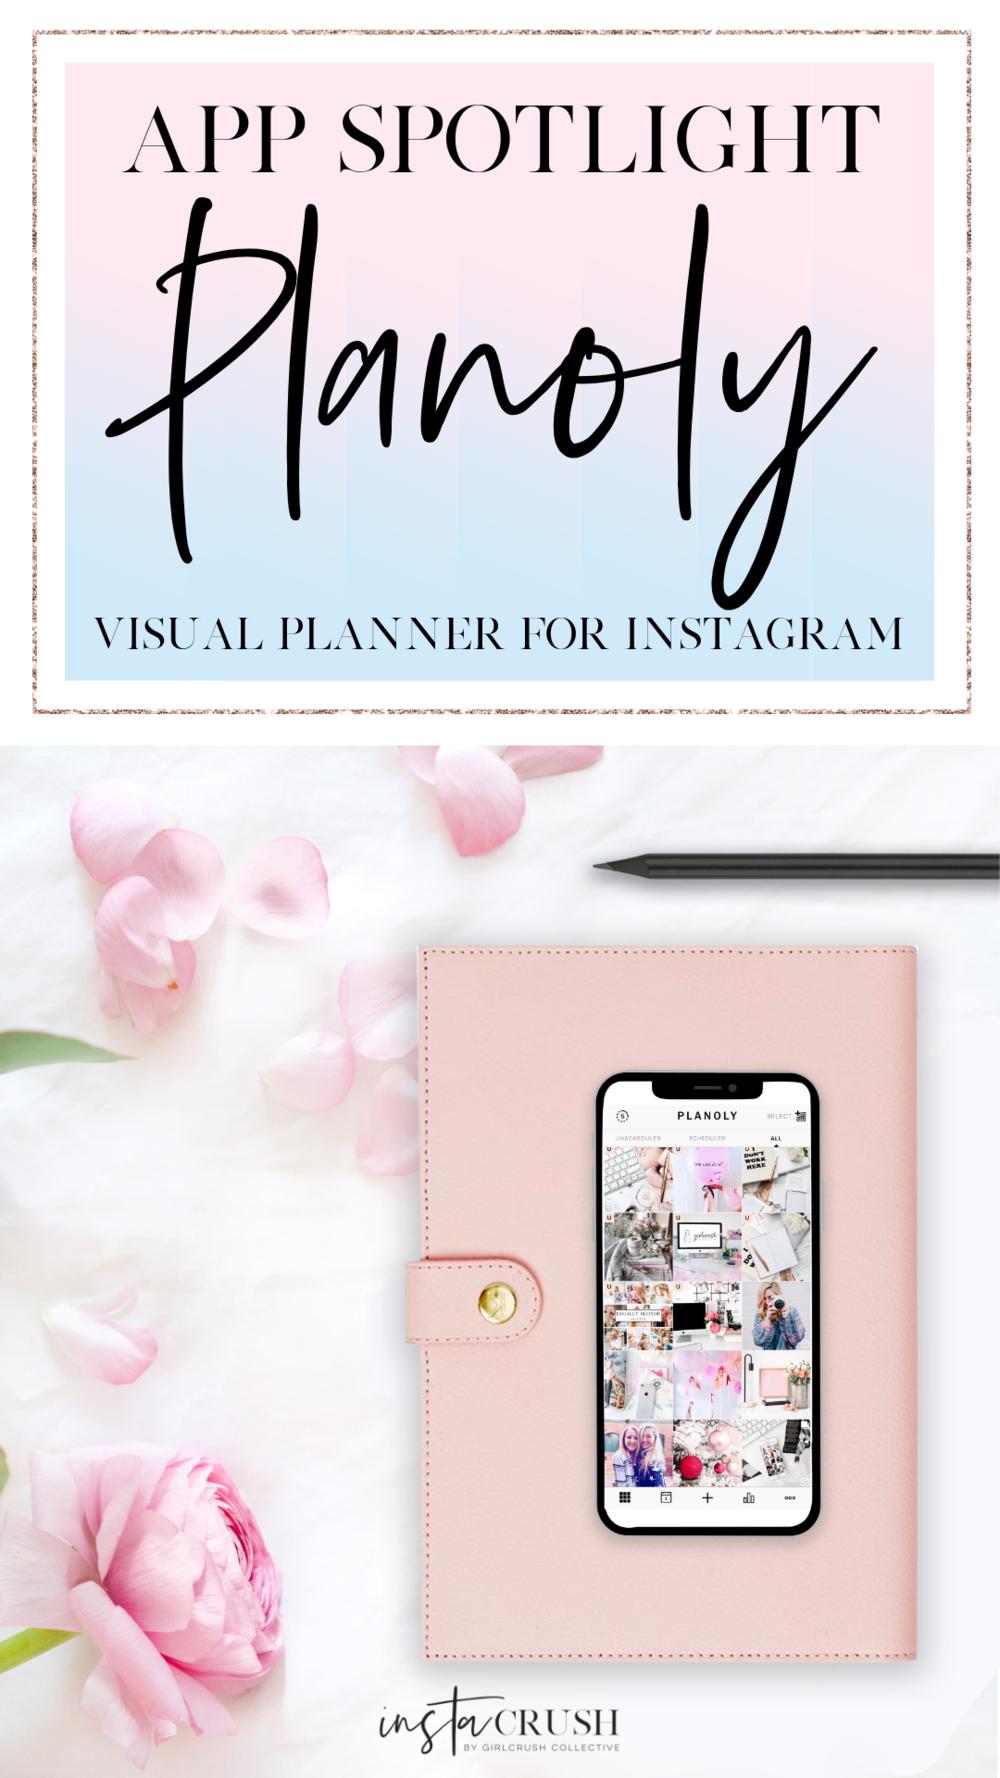 Instagram App Spotlight: Planoly